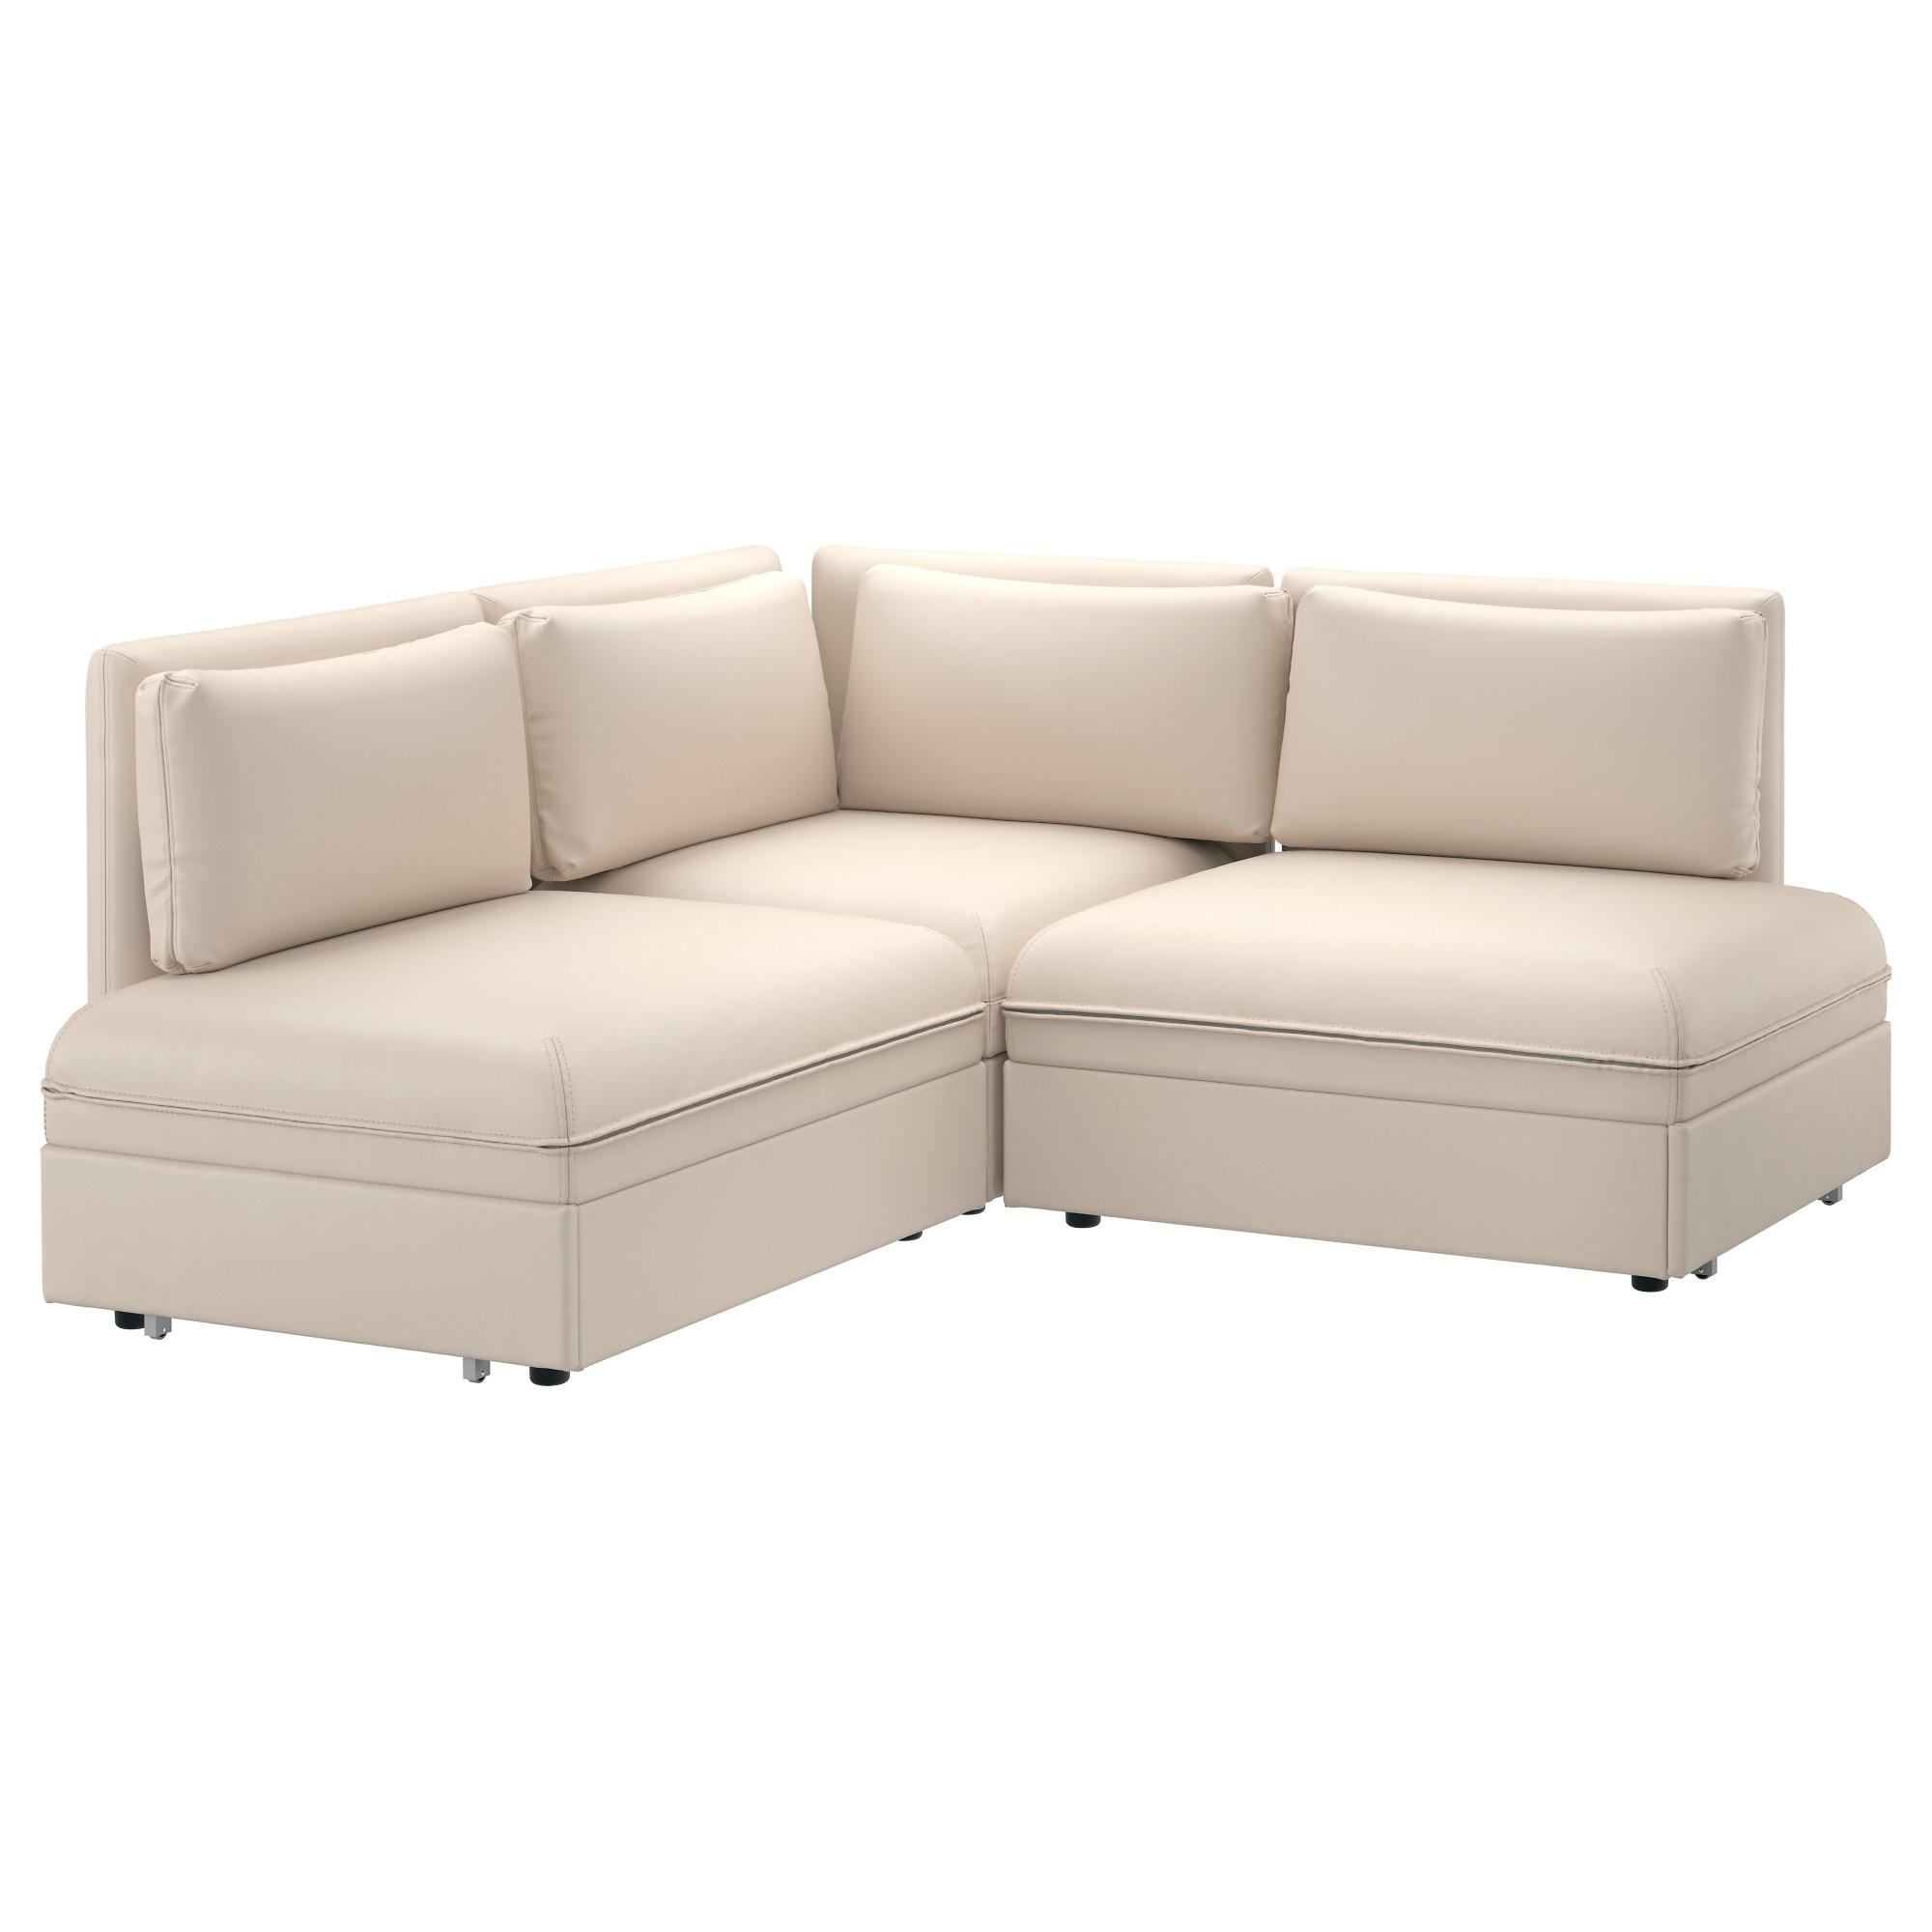 VALLENTUNA sofá de esquina 3 plazas+cama